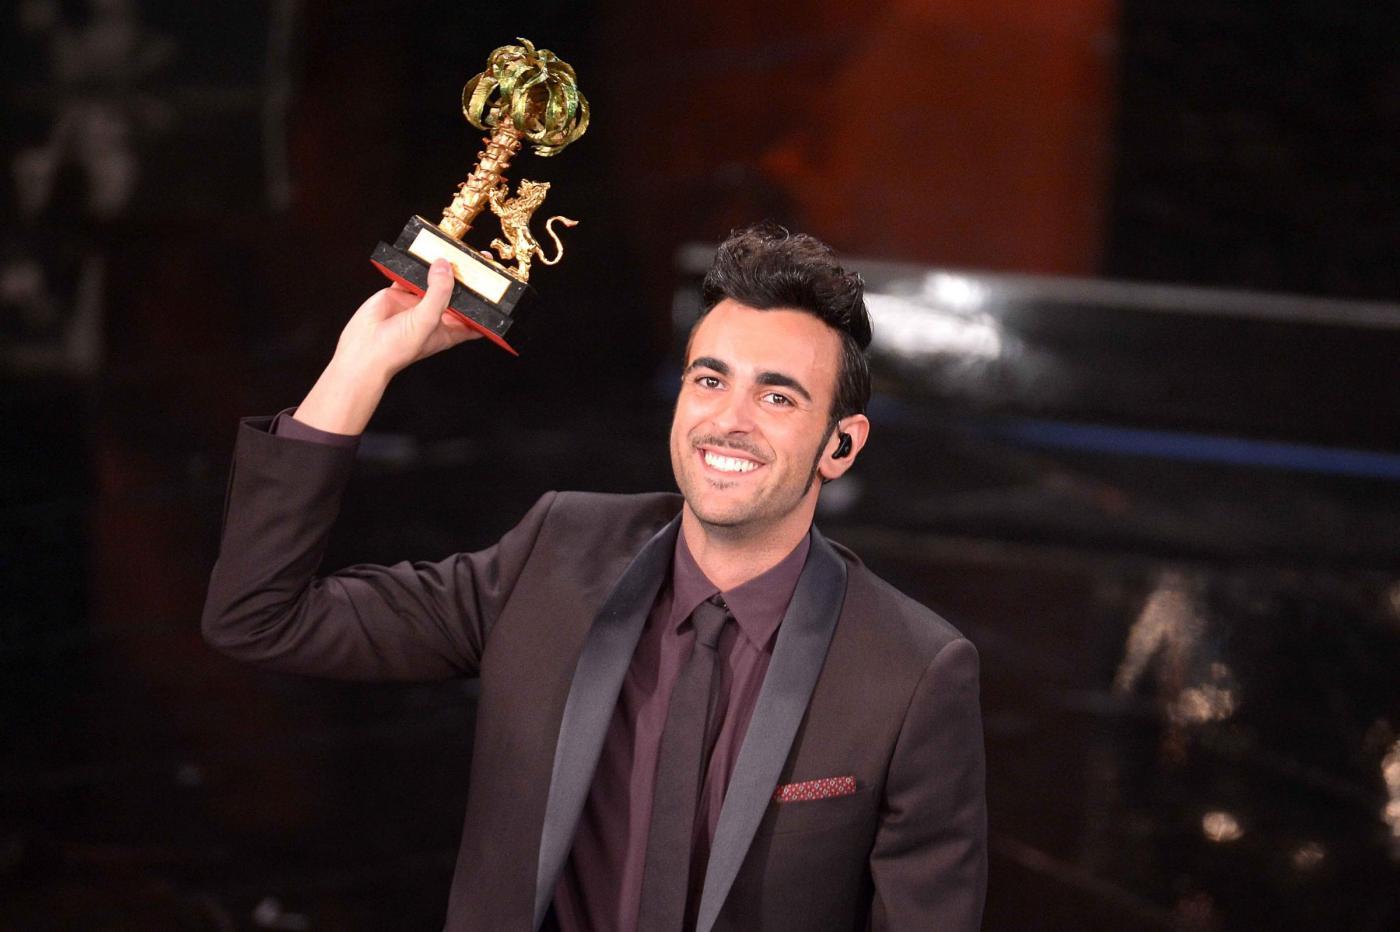 Ascolti tv sabato 16 febbraio 2013: la finale di Sanremo supera il 53%